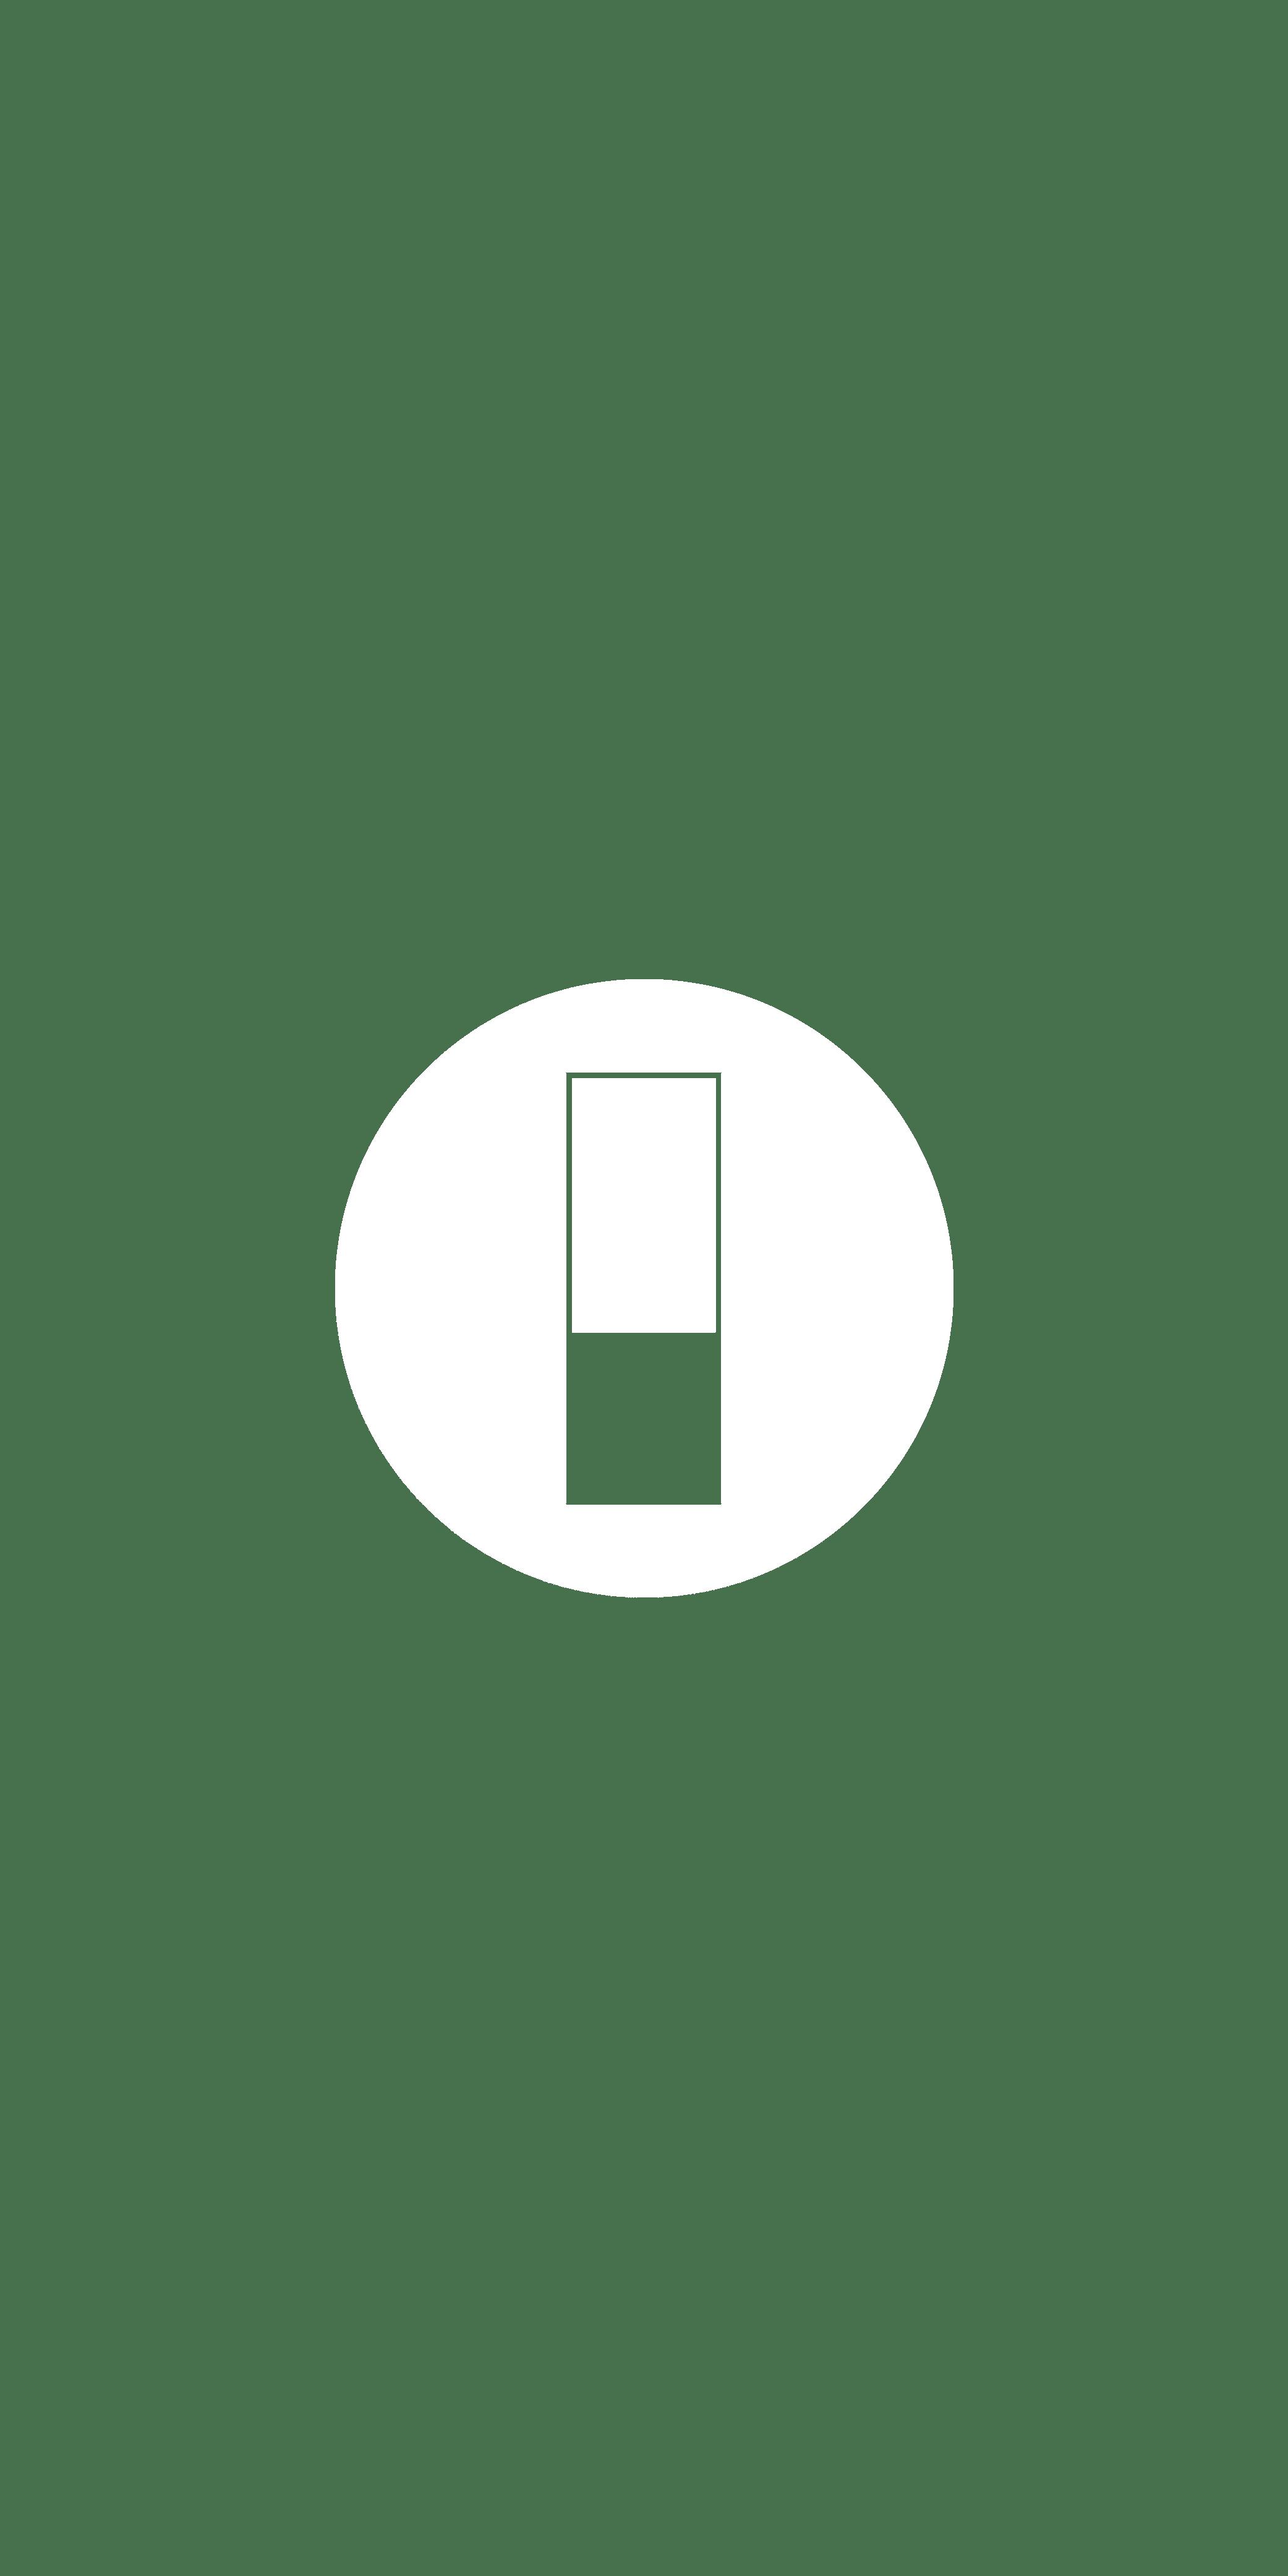 Dynamique Perle location borne tactile totem vidéo table tactile